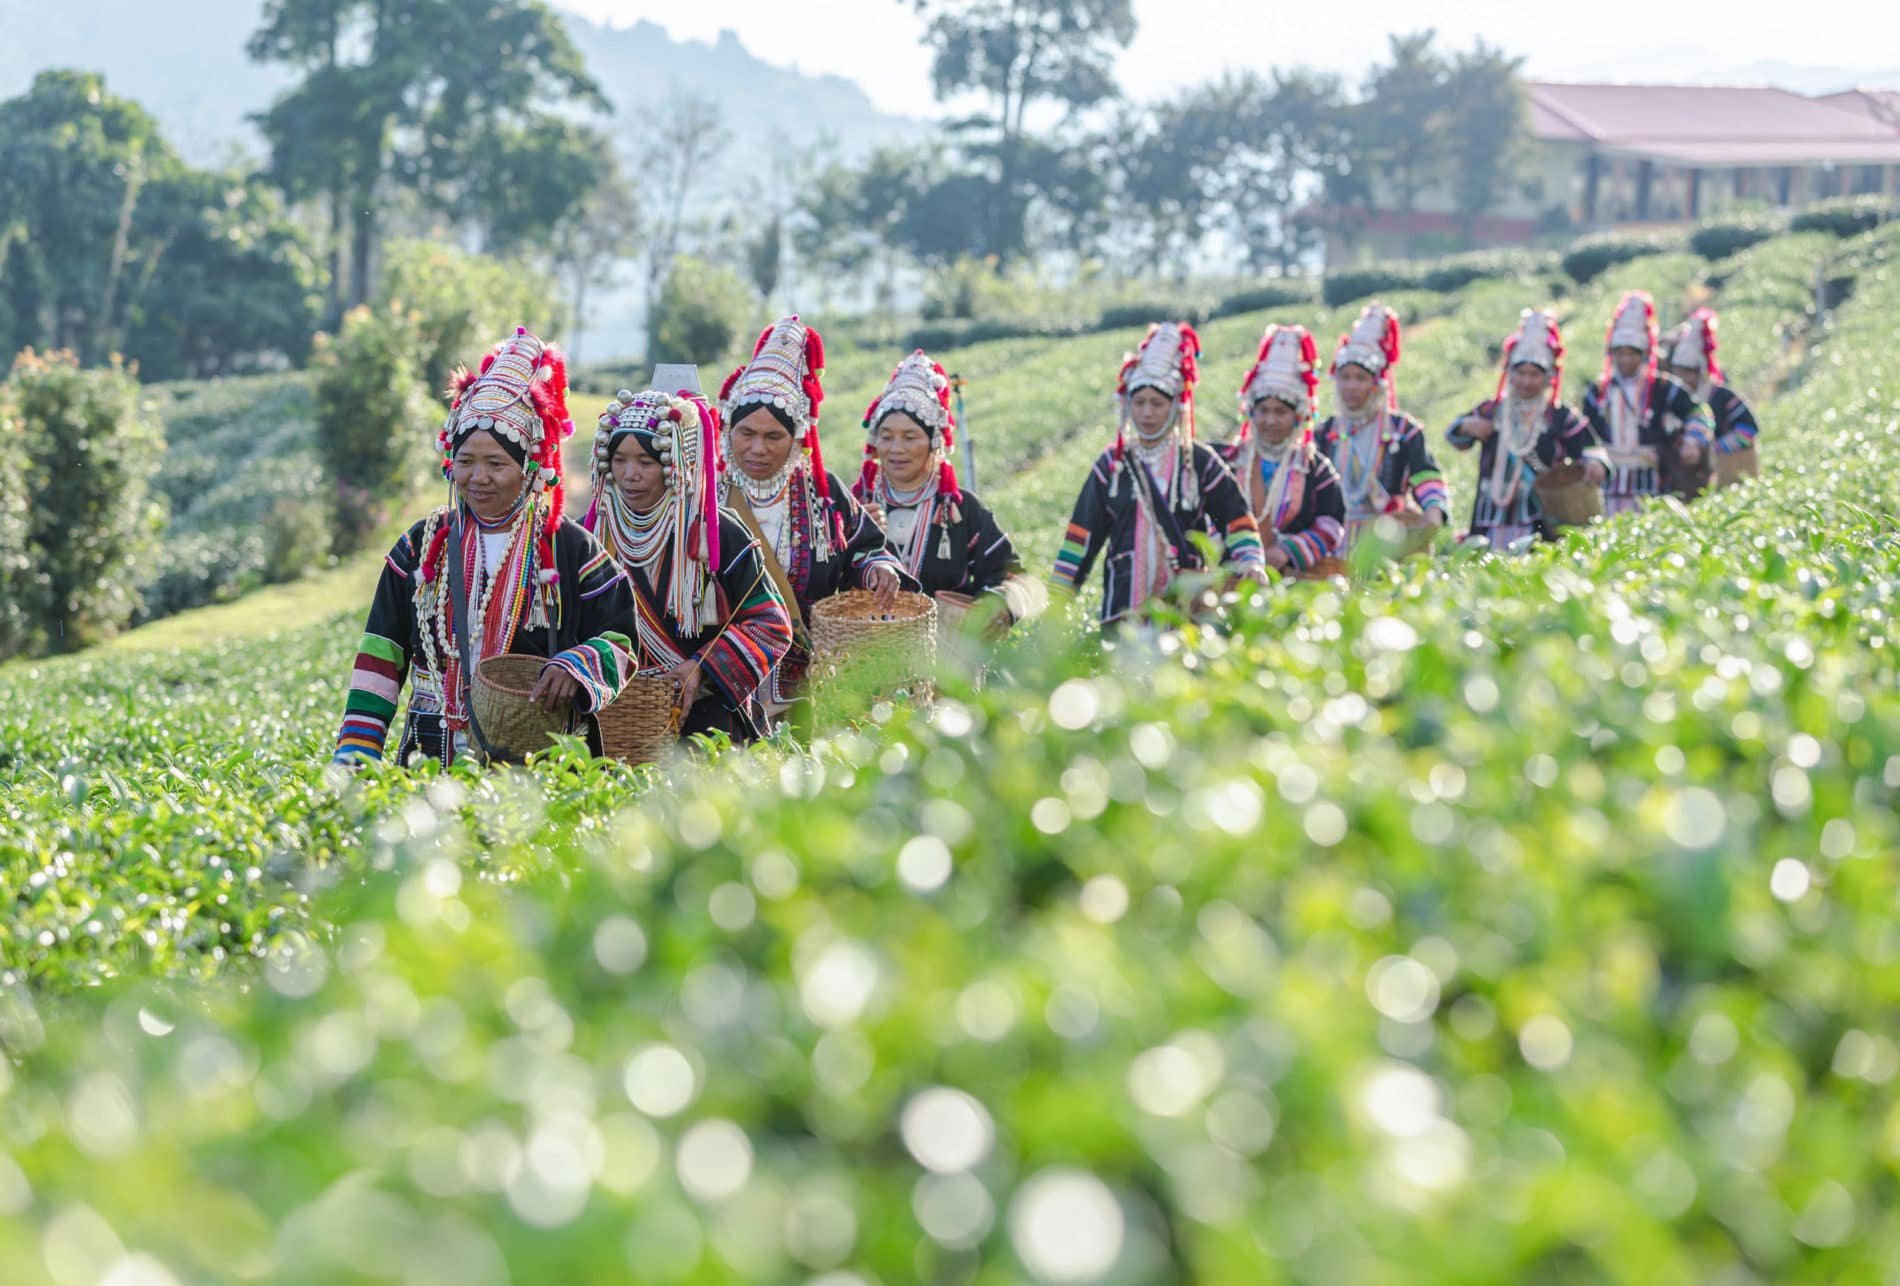 Tailandia pueblos tribales triangulo de oro